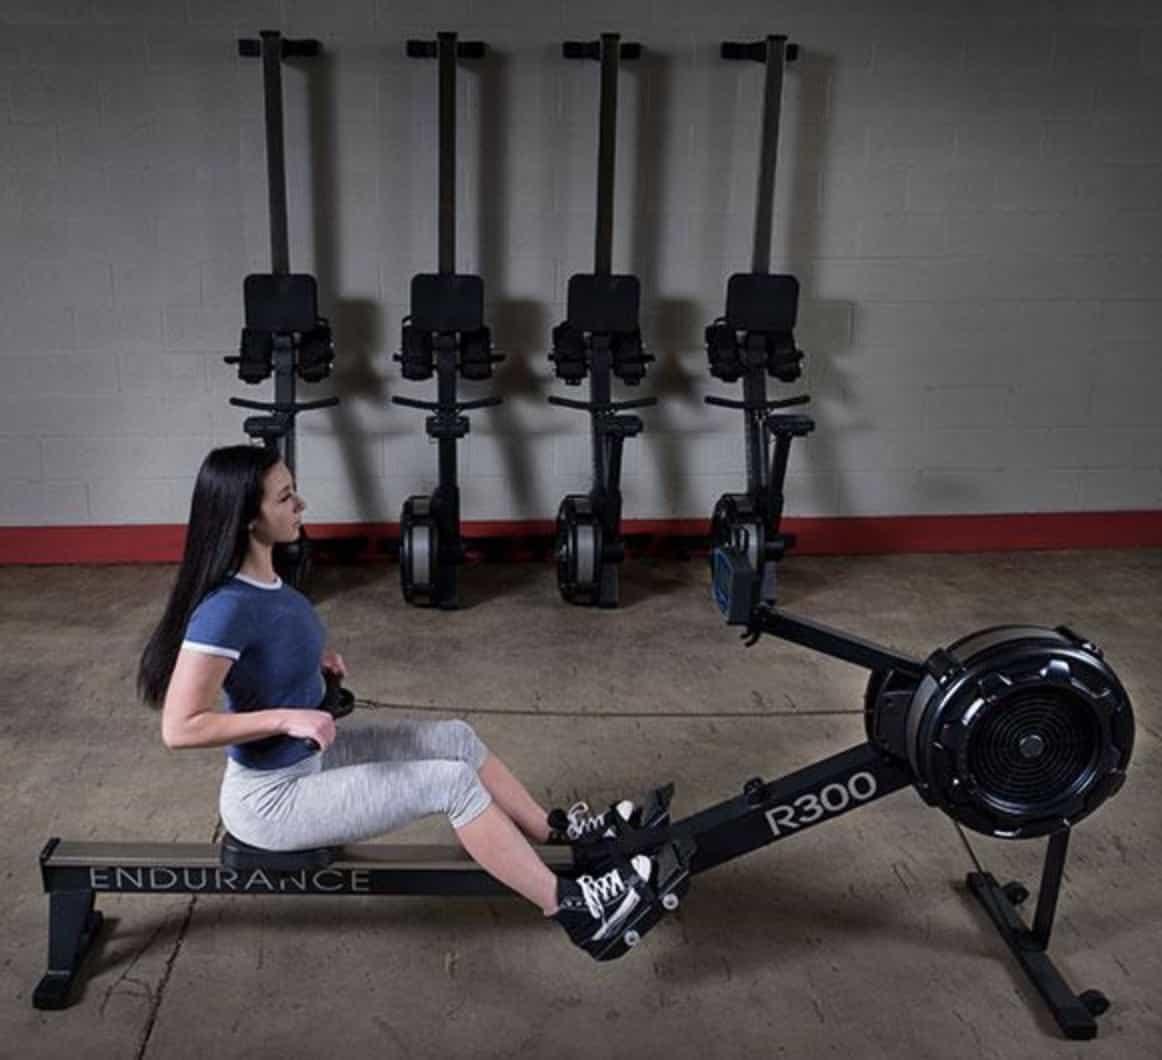 Endurance R300 Indoor Rower Storage